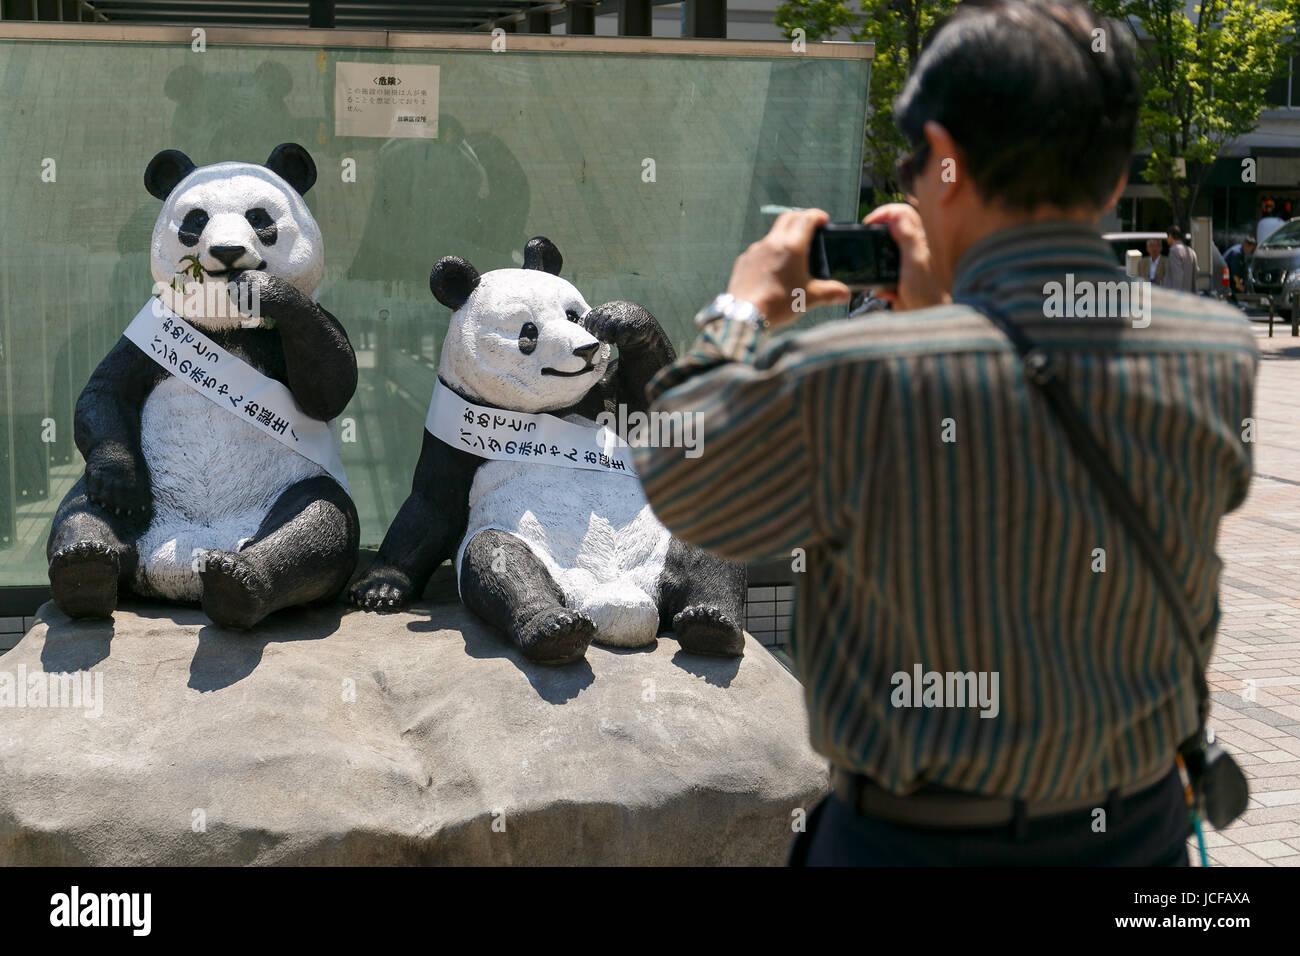 Un Homme Prend Une Photo Des Statues De Pandas Géants Du Zoo De Ueno